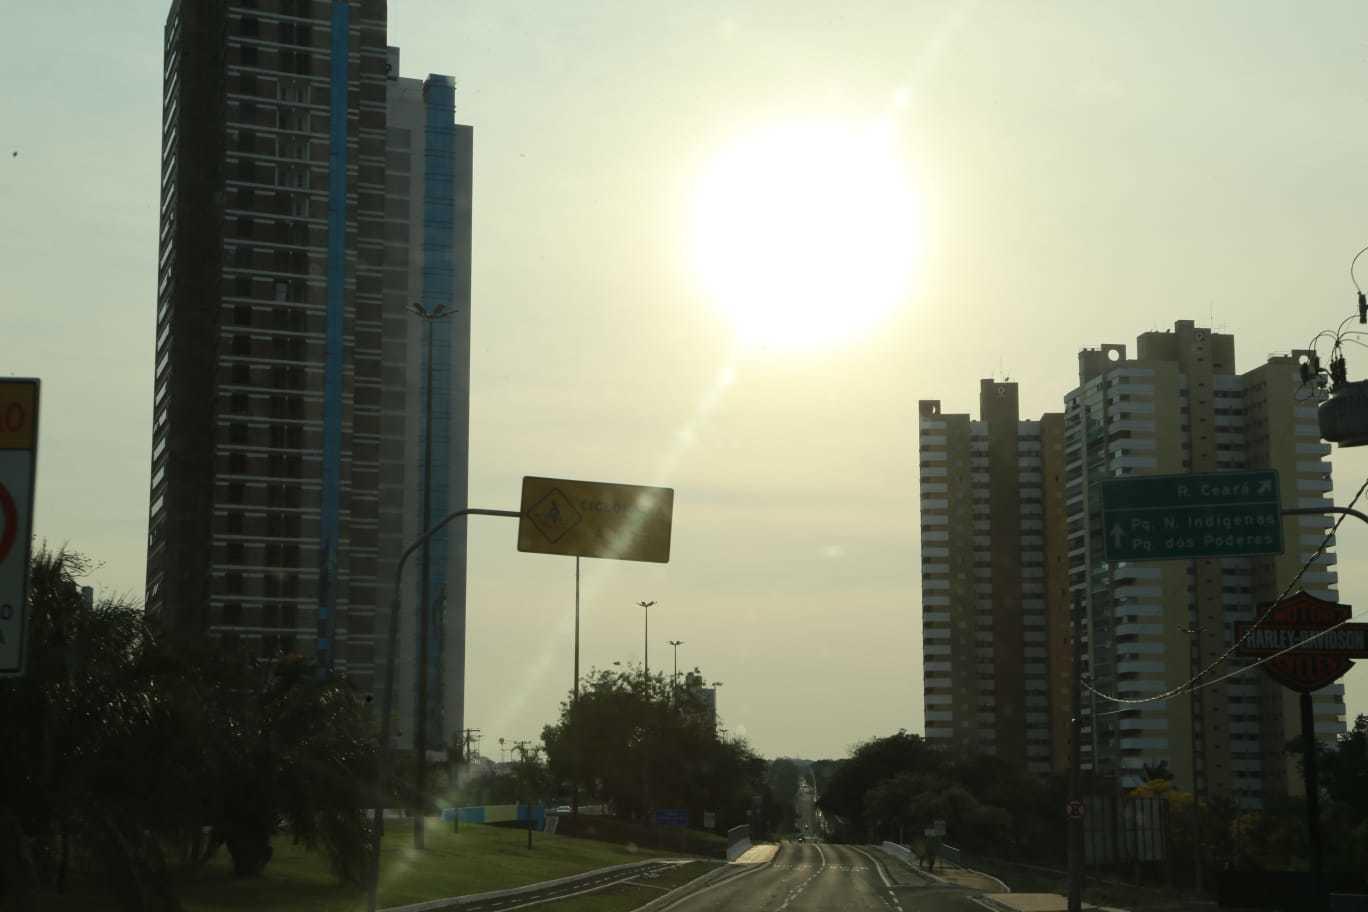 Nas primeira horas do dia, sol já brilhando forte na região da Avenida Afonso Pena (Foto: Kisie Aionã)